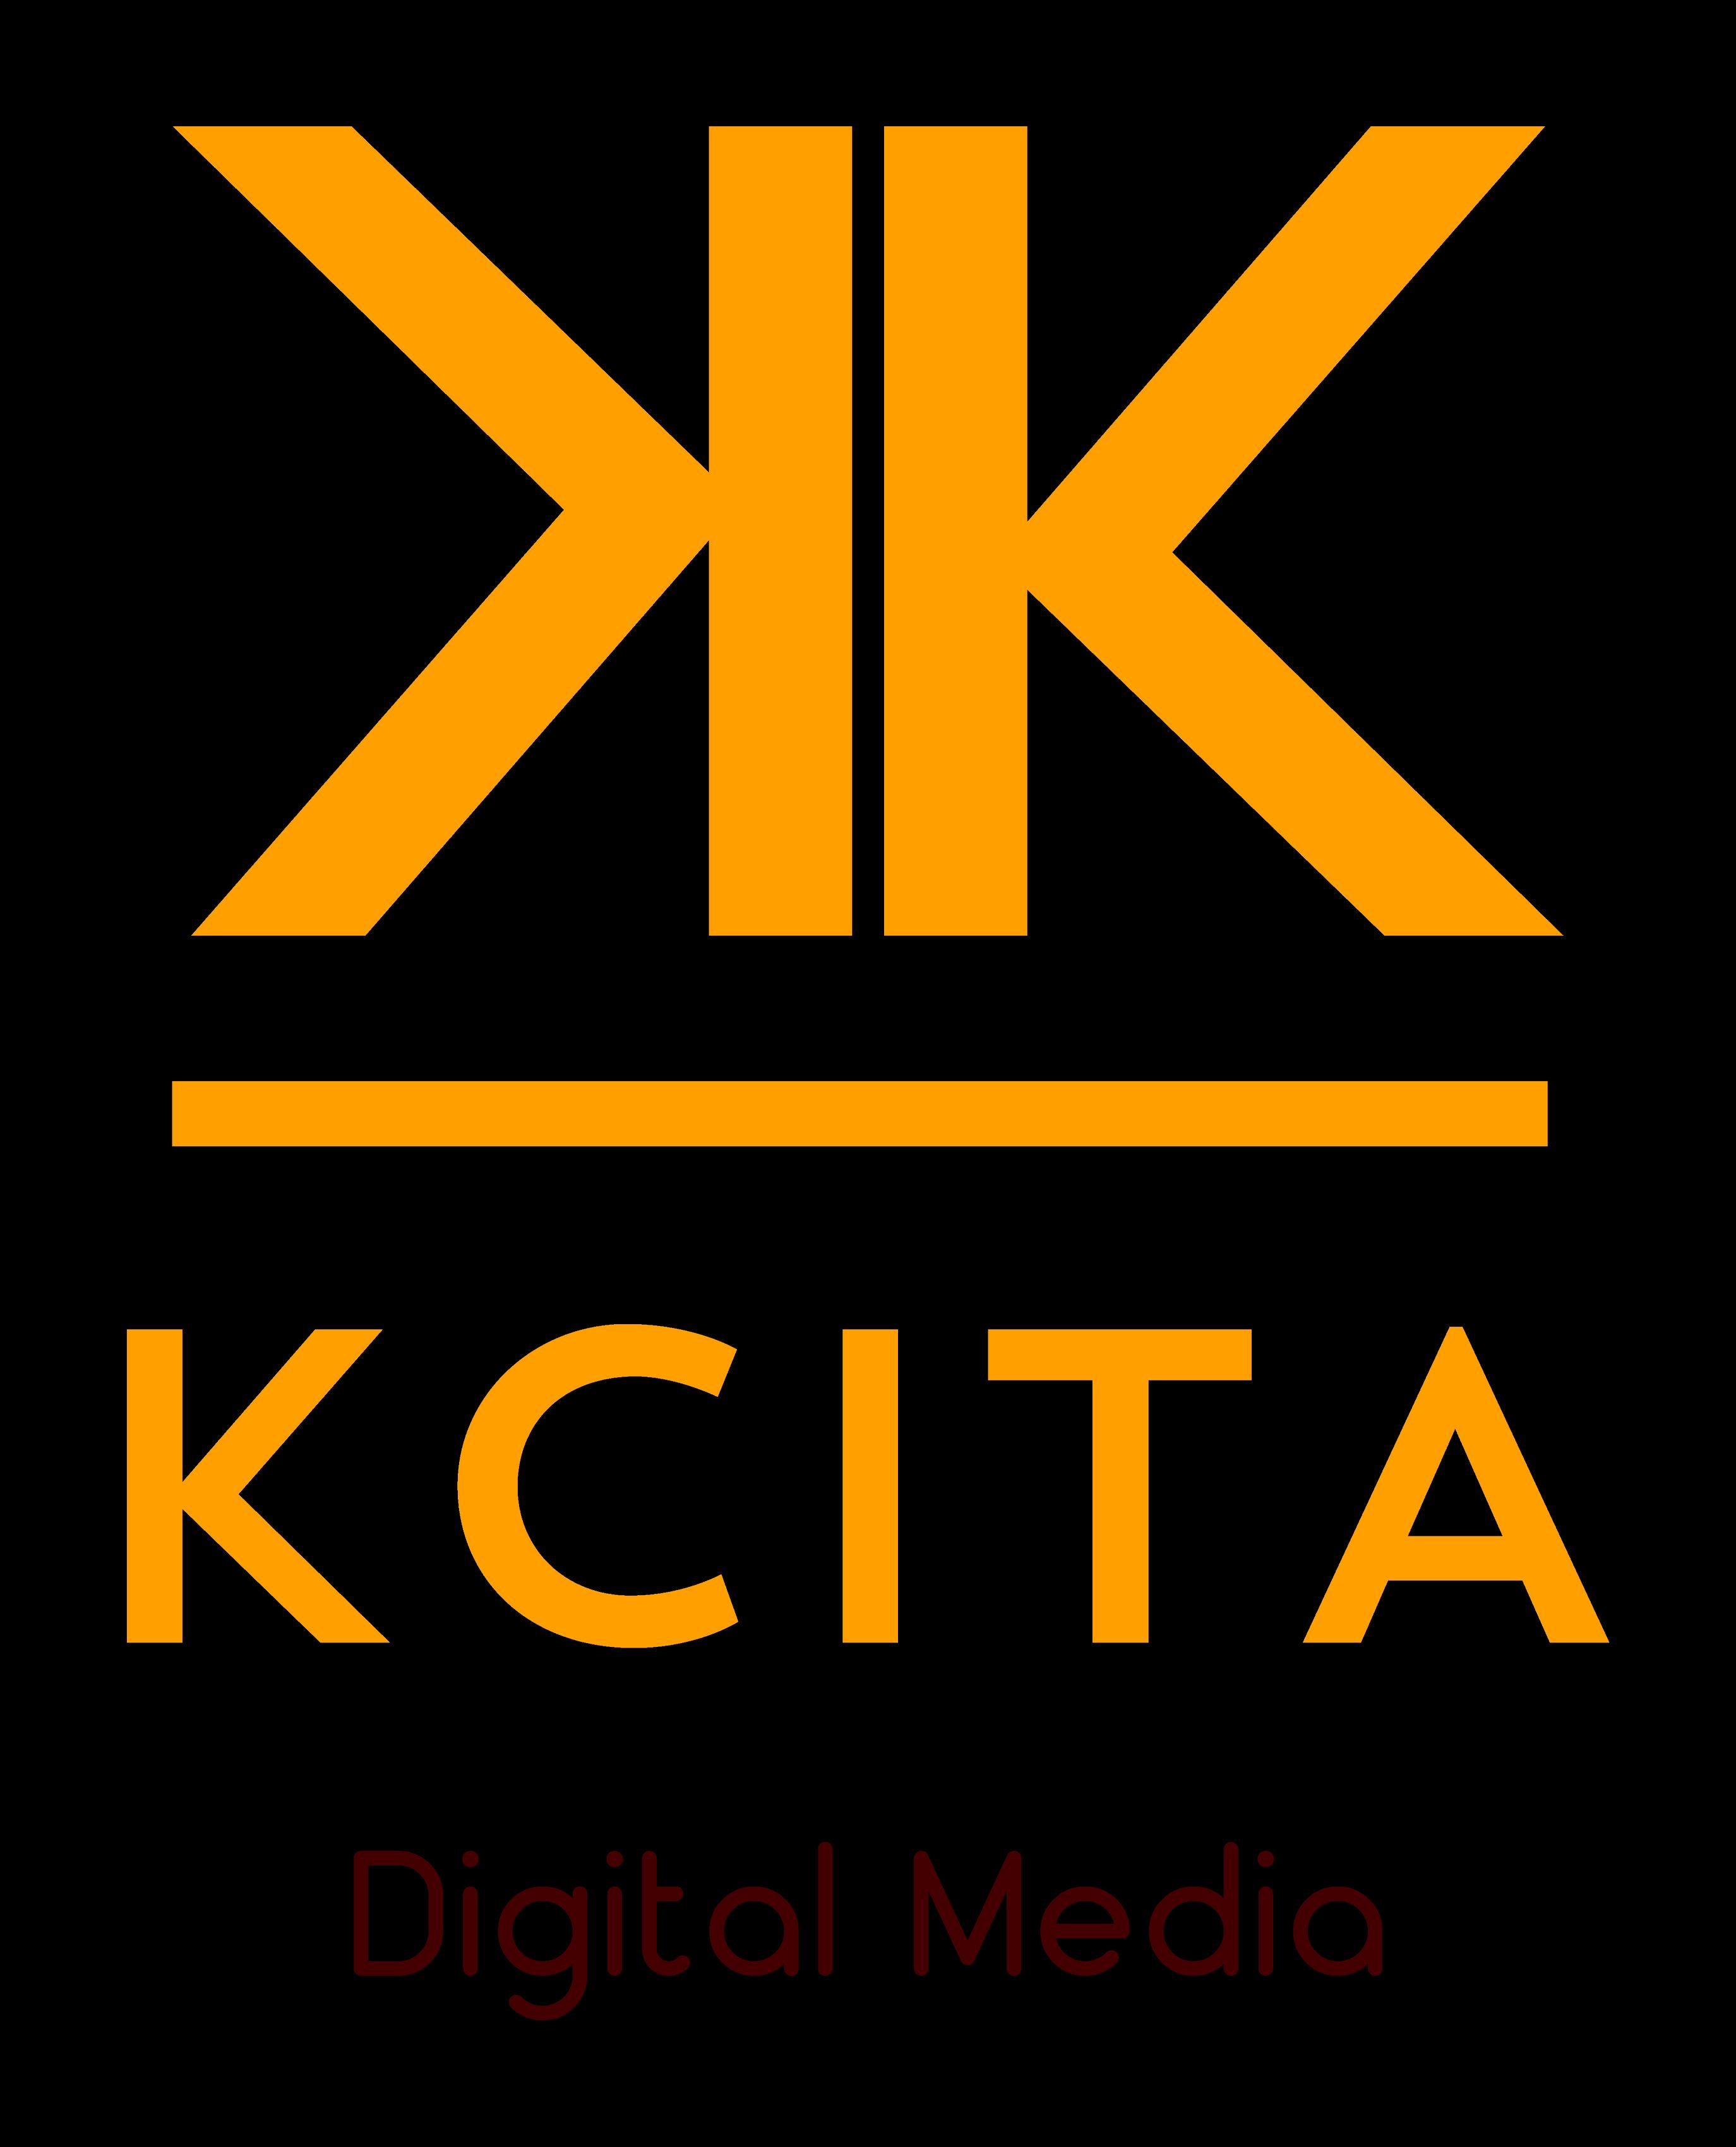 KCita Digital Media